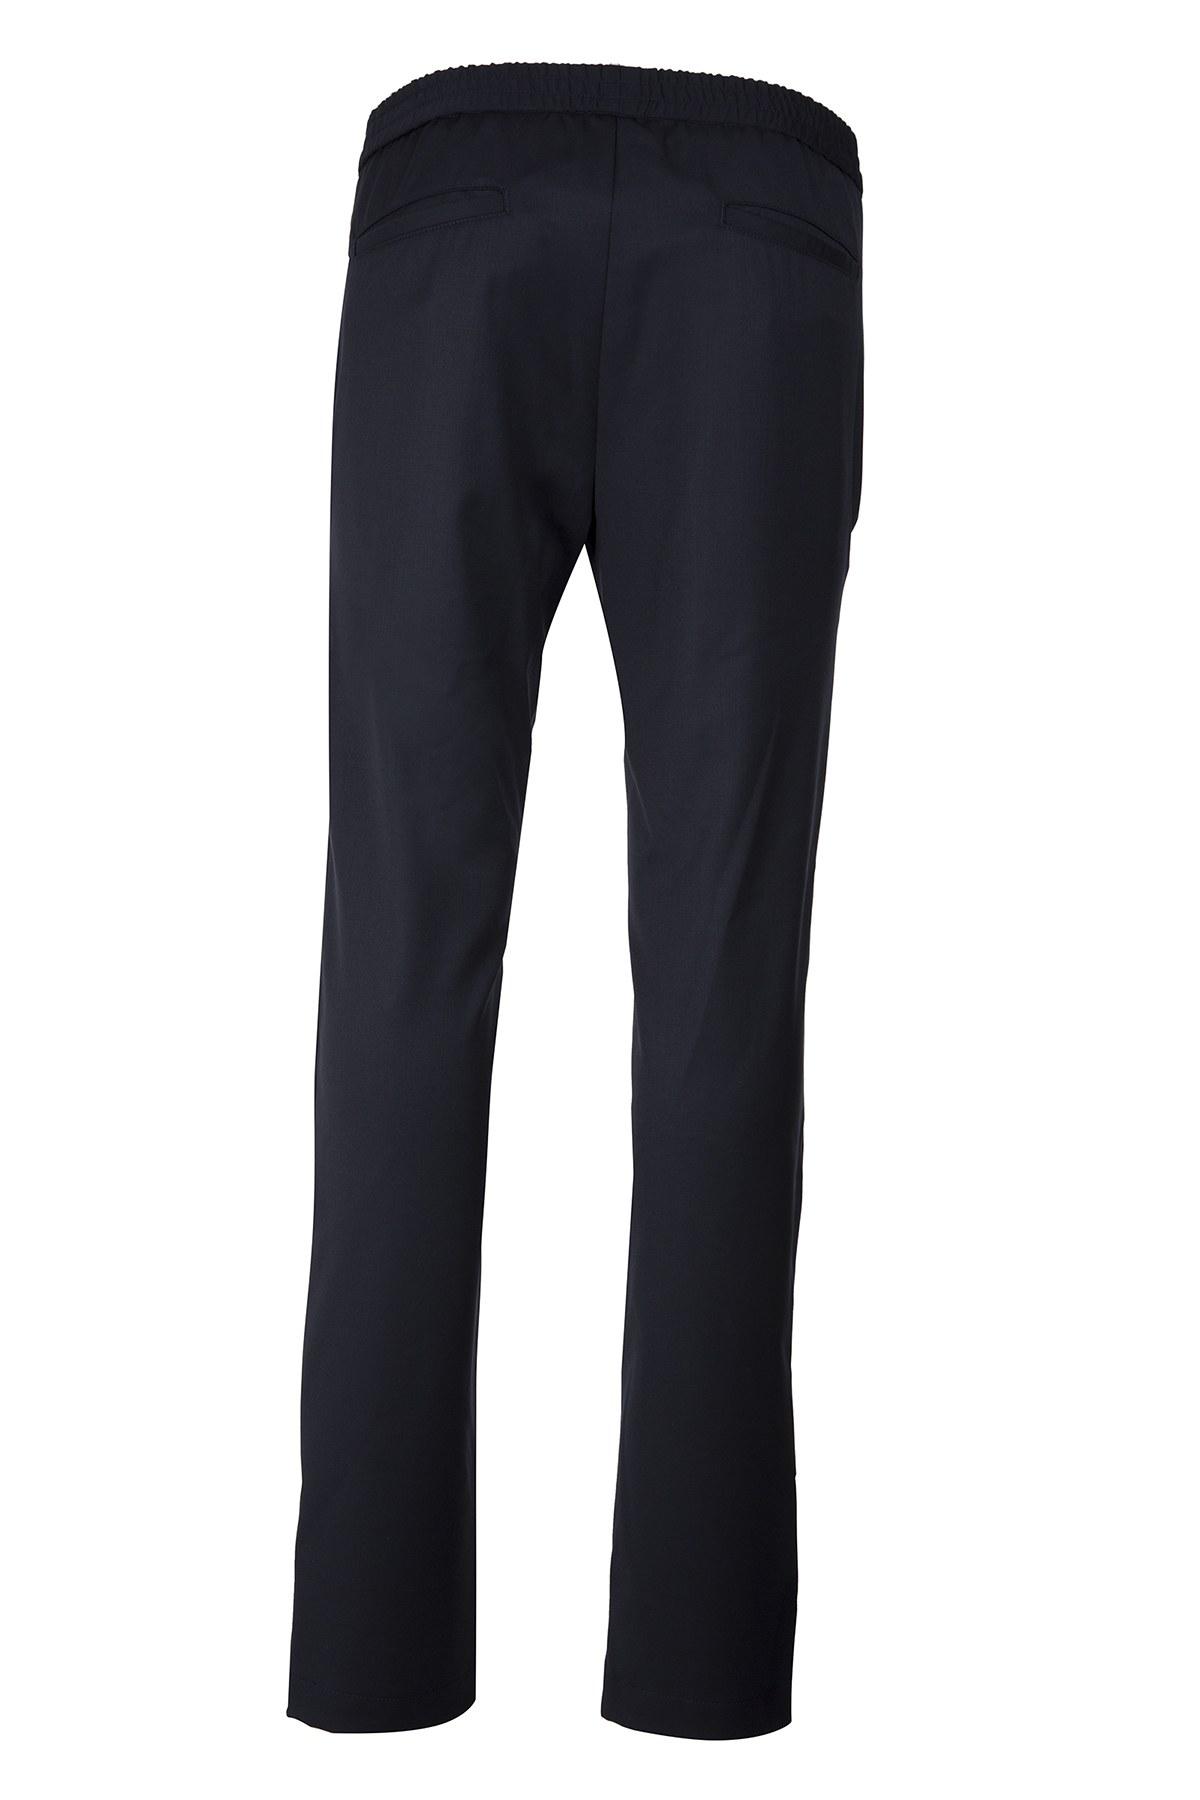 EMPORIO ARMANI Erkek Pantolon W1P250 W1026 LACİVERT